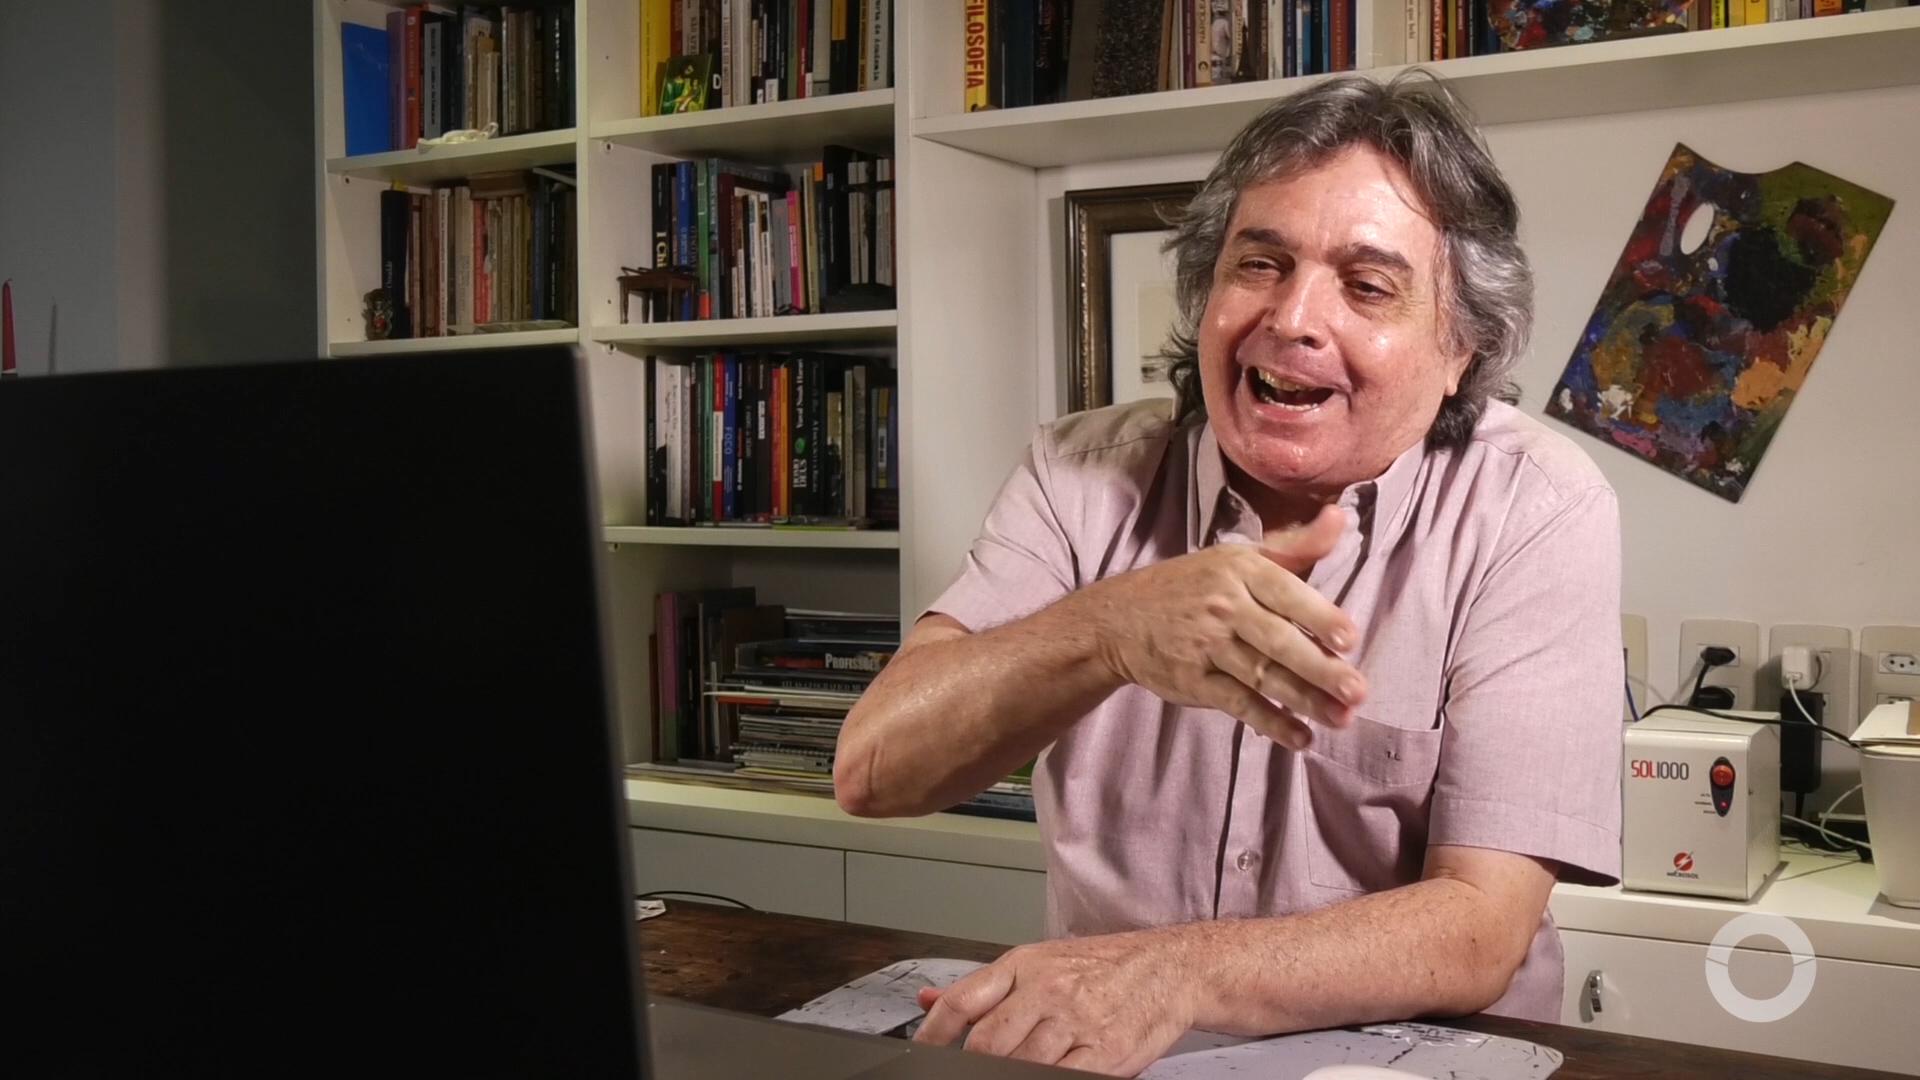 Mosaico entrevista Liege Xavier e Paulo Façanha